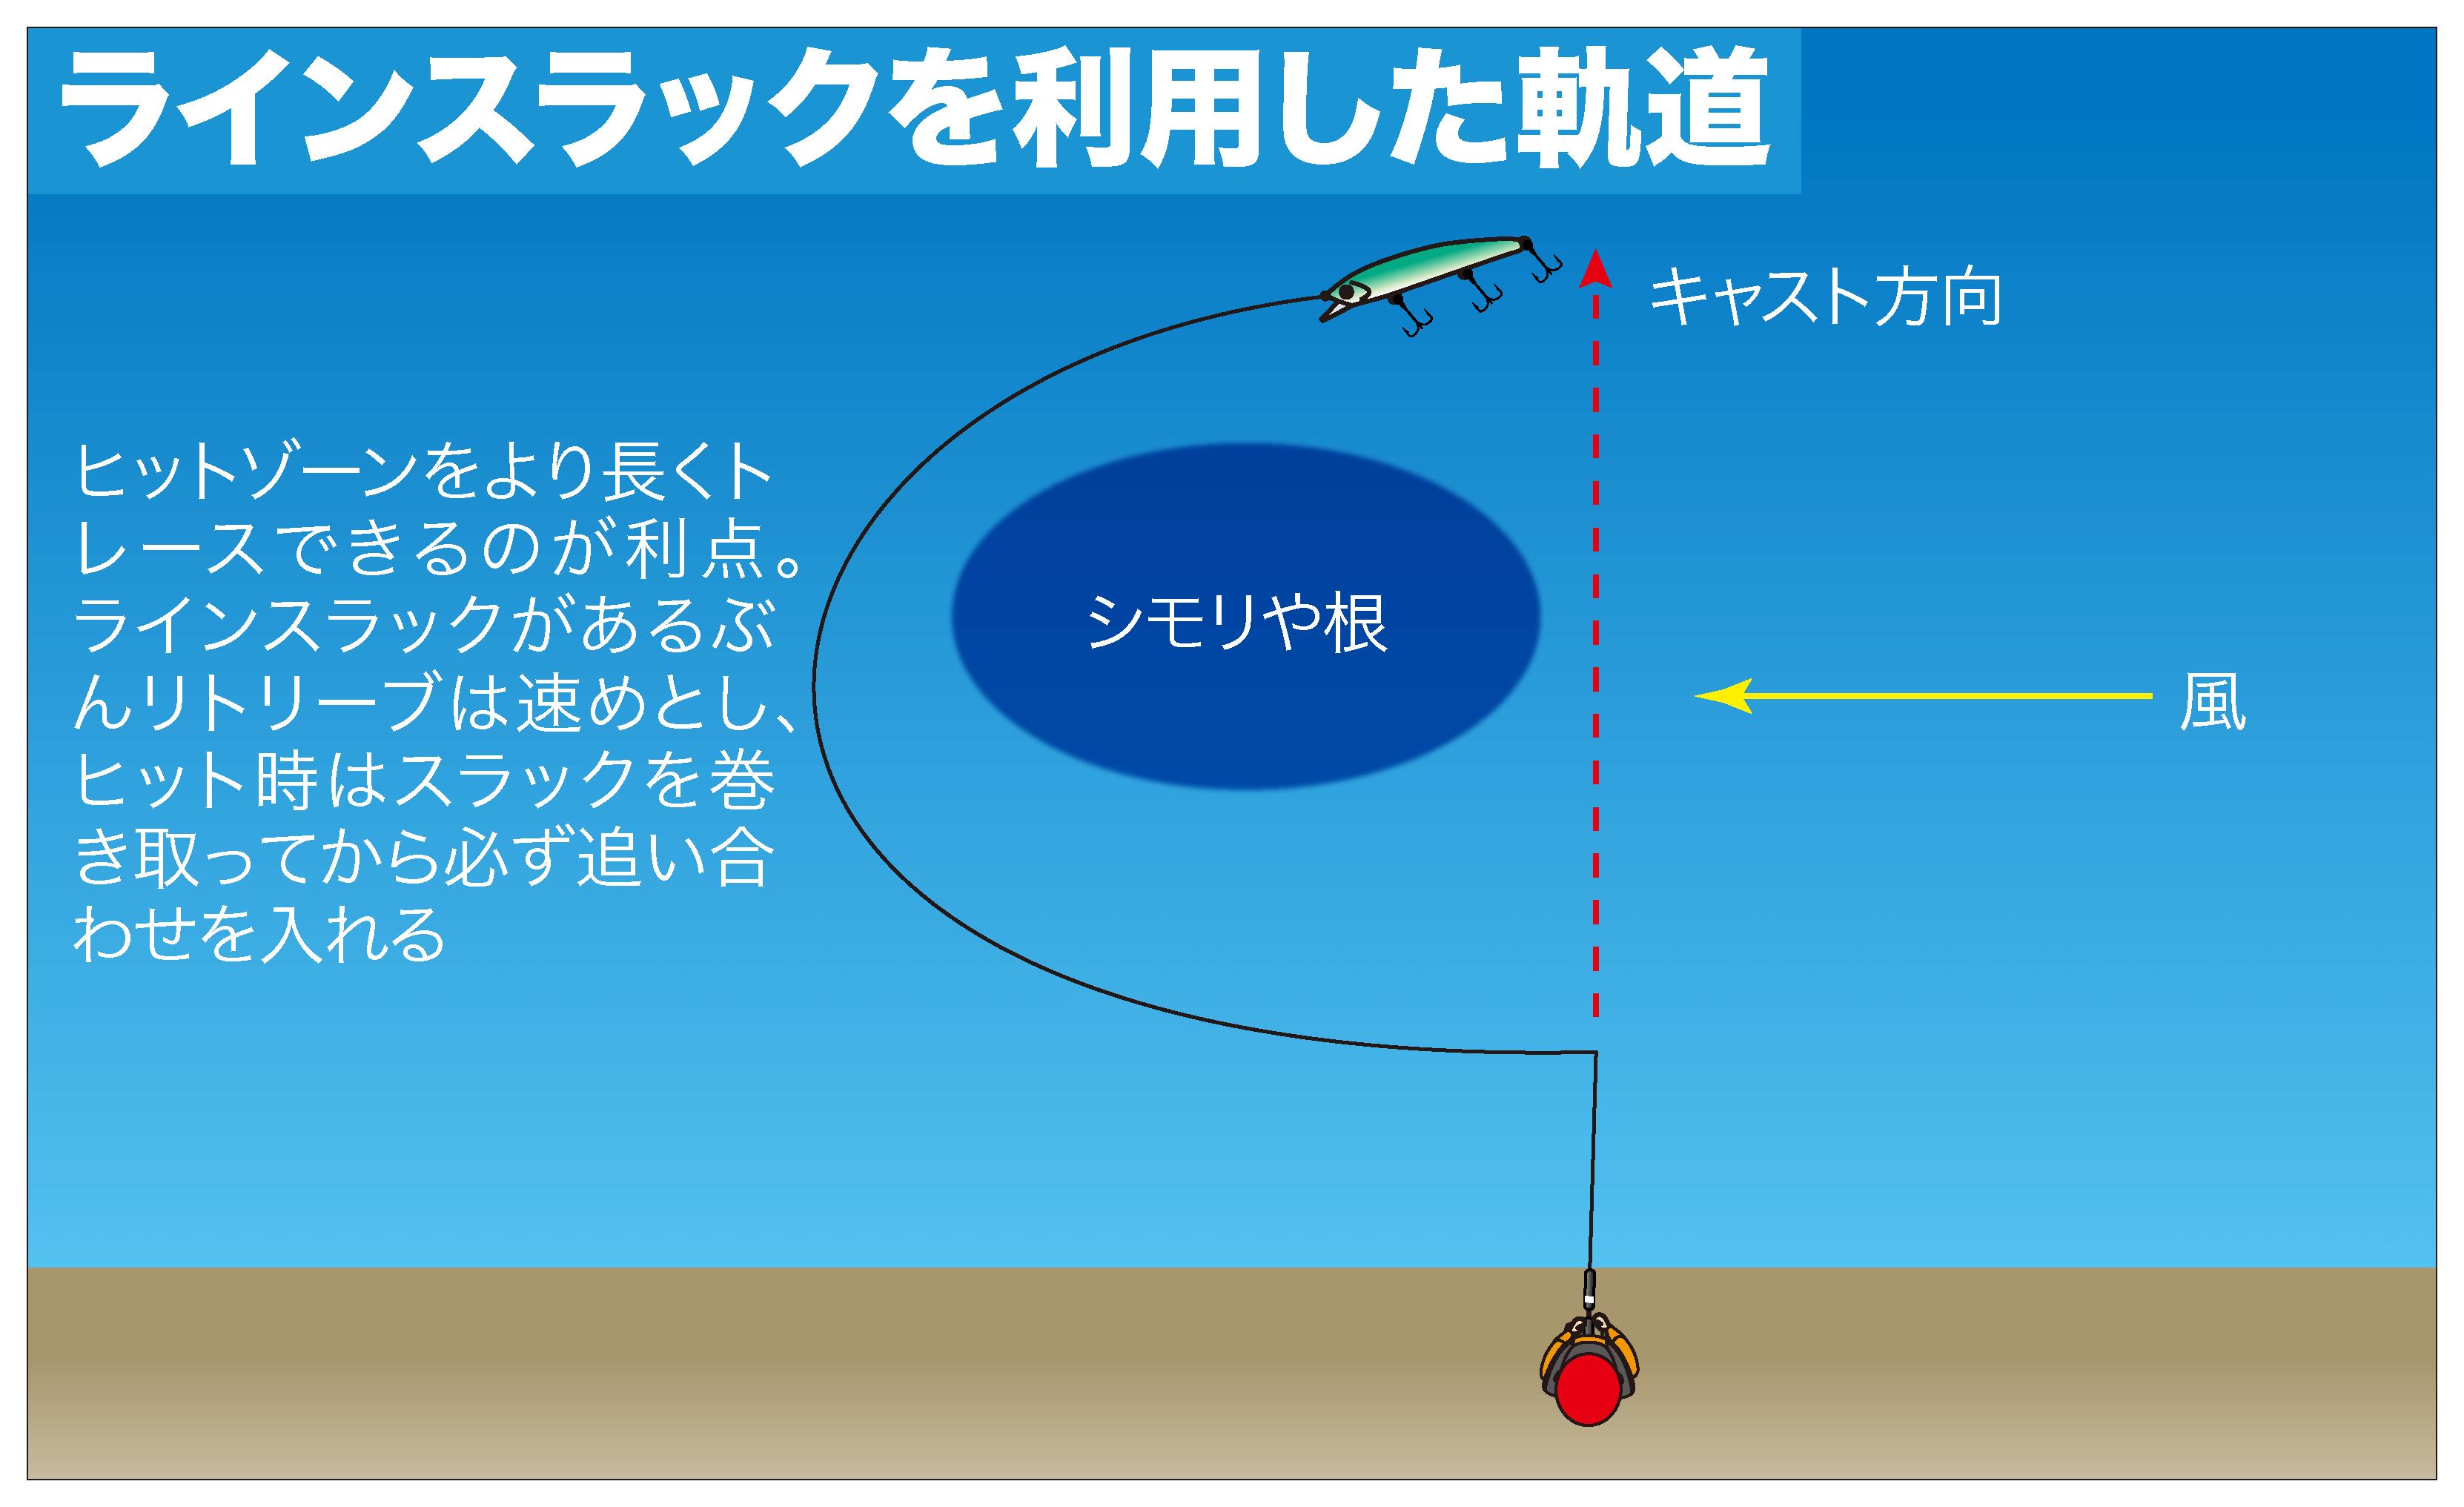 ショア青物ゲーム ミノー3